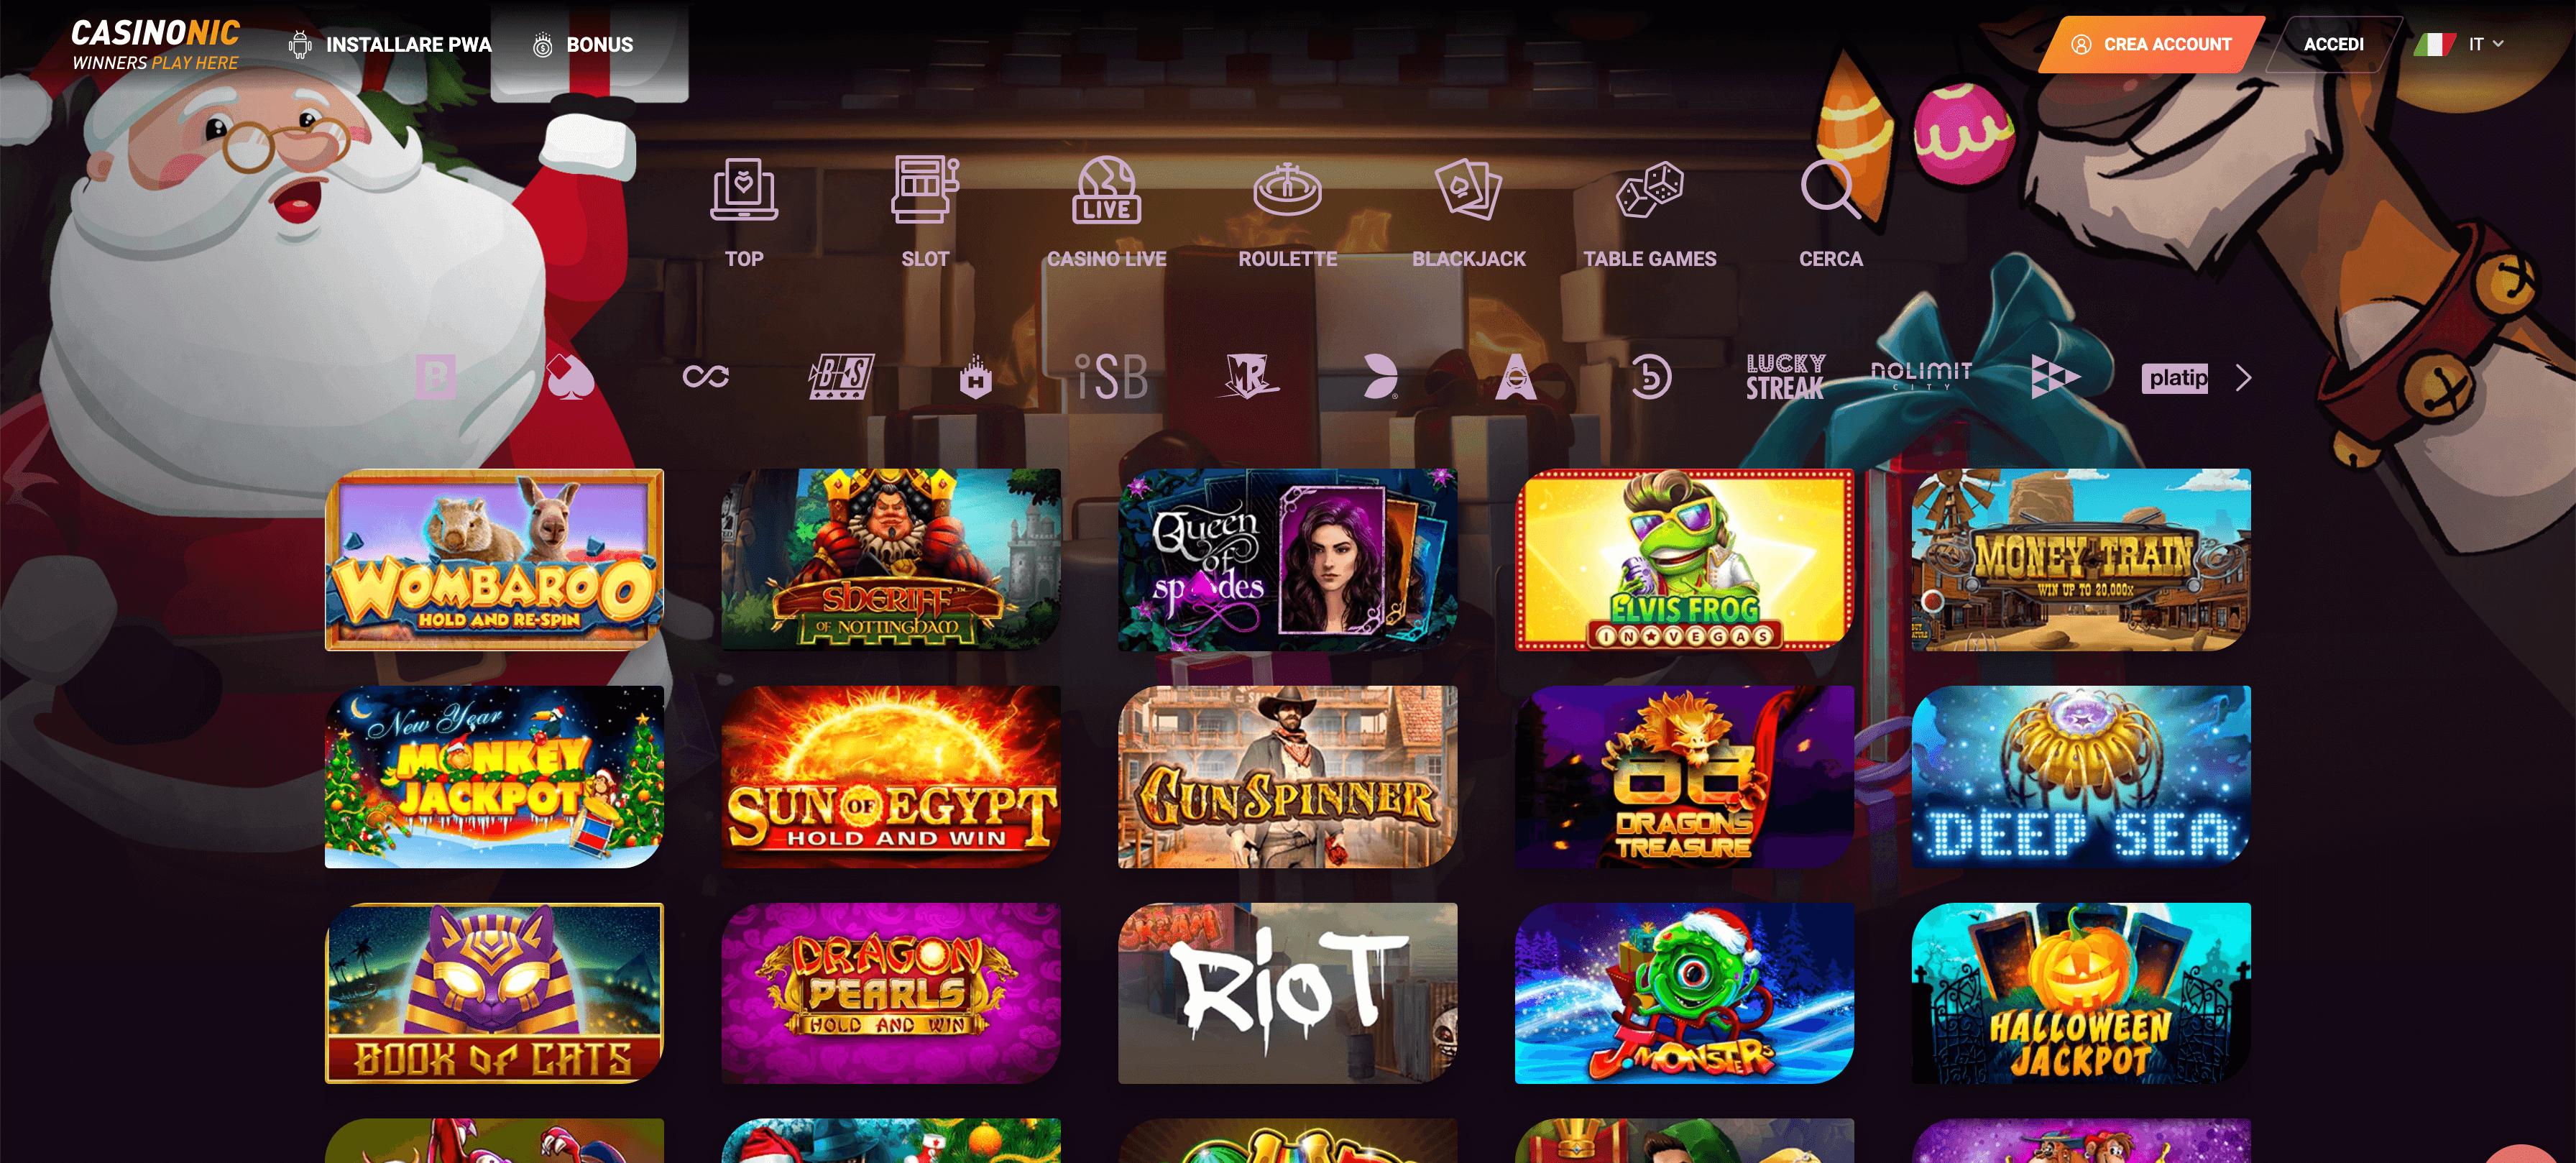 casinonic casino home